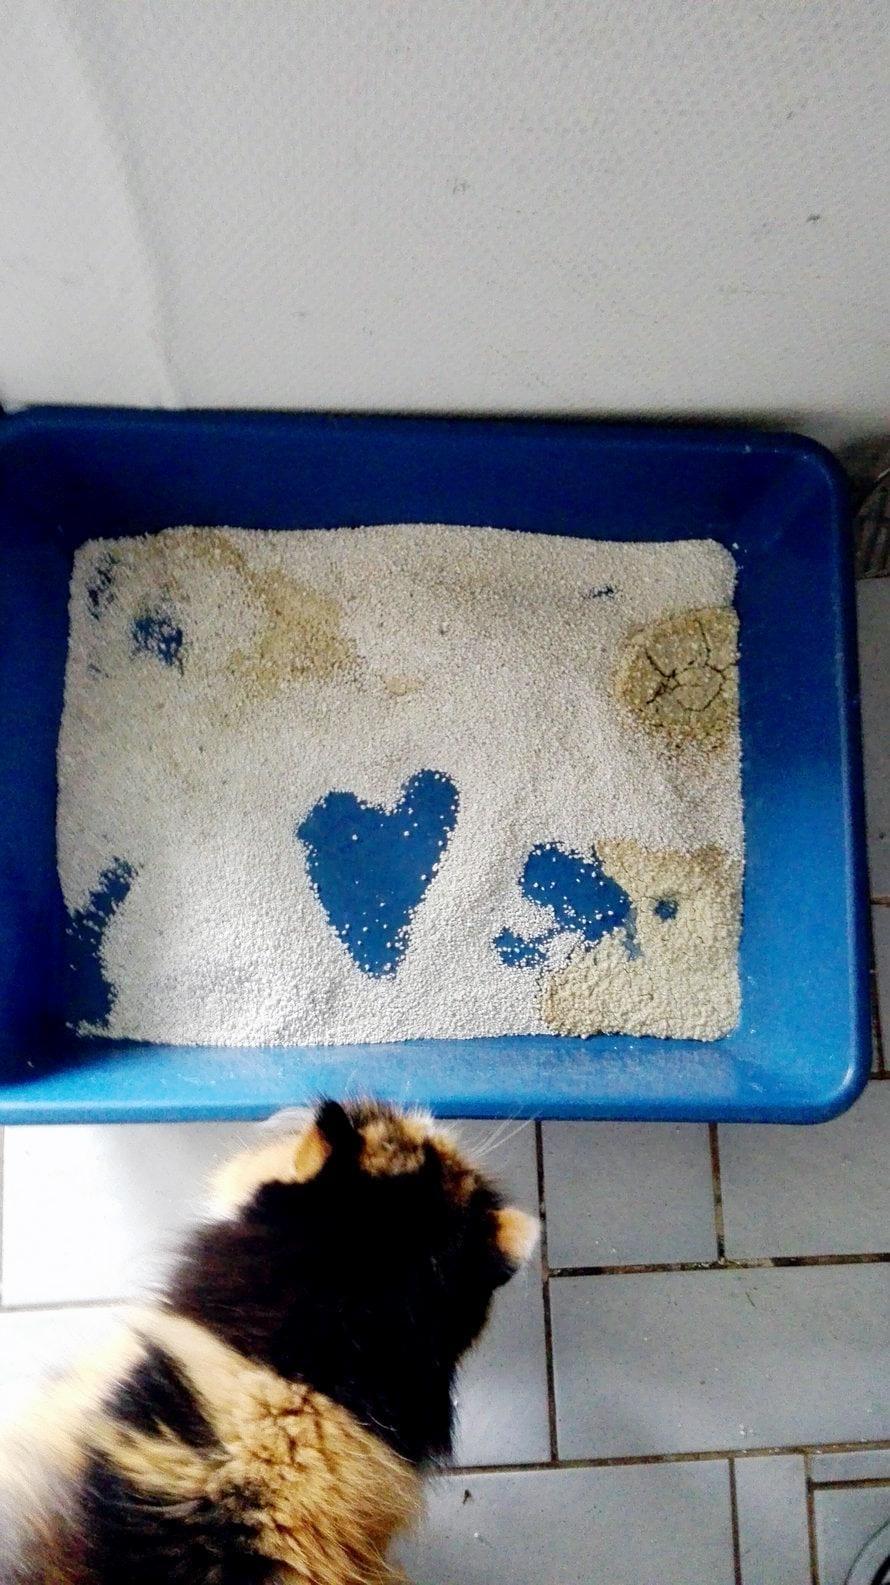 15-vuotias Roosa-kissa oli viikonlopun yksin kotona. Olikohan tämä merkki, että ihanaa, kun saavuin kotiin? Roosa